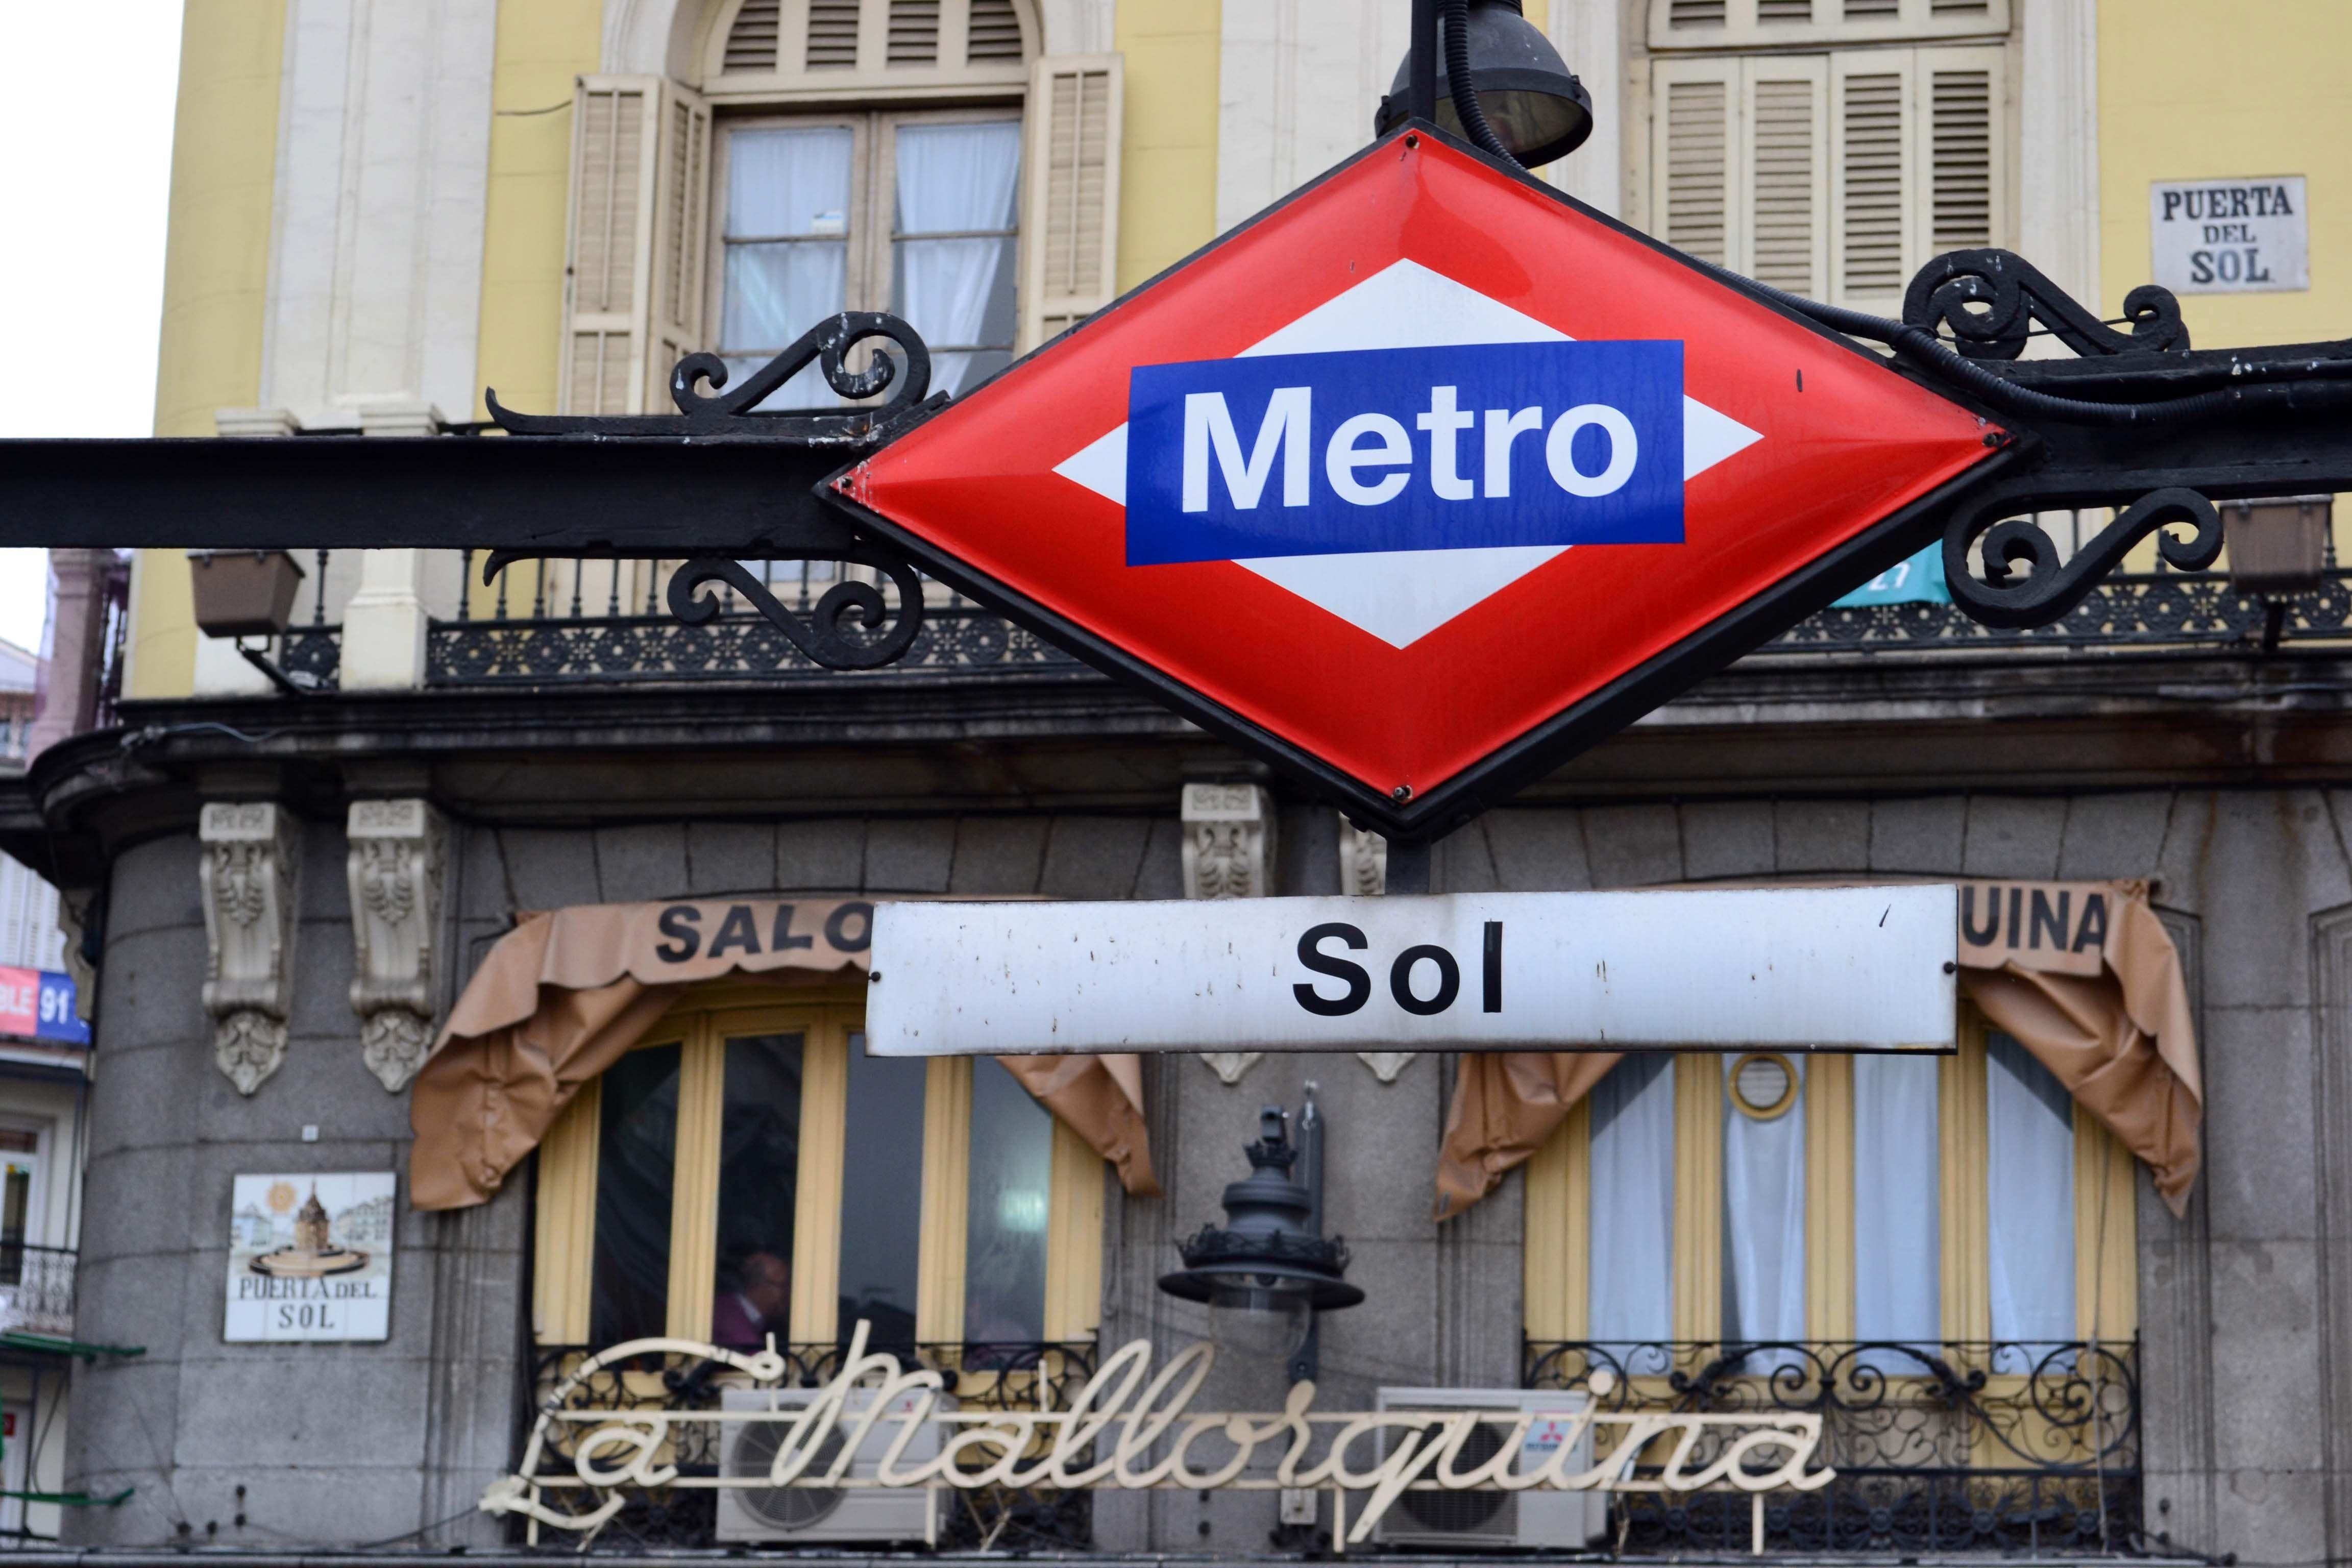 Pâtisserie la Mallorquina à la Puerta del Sol